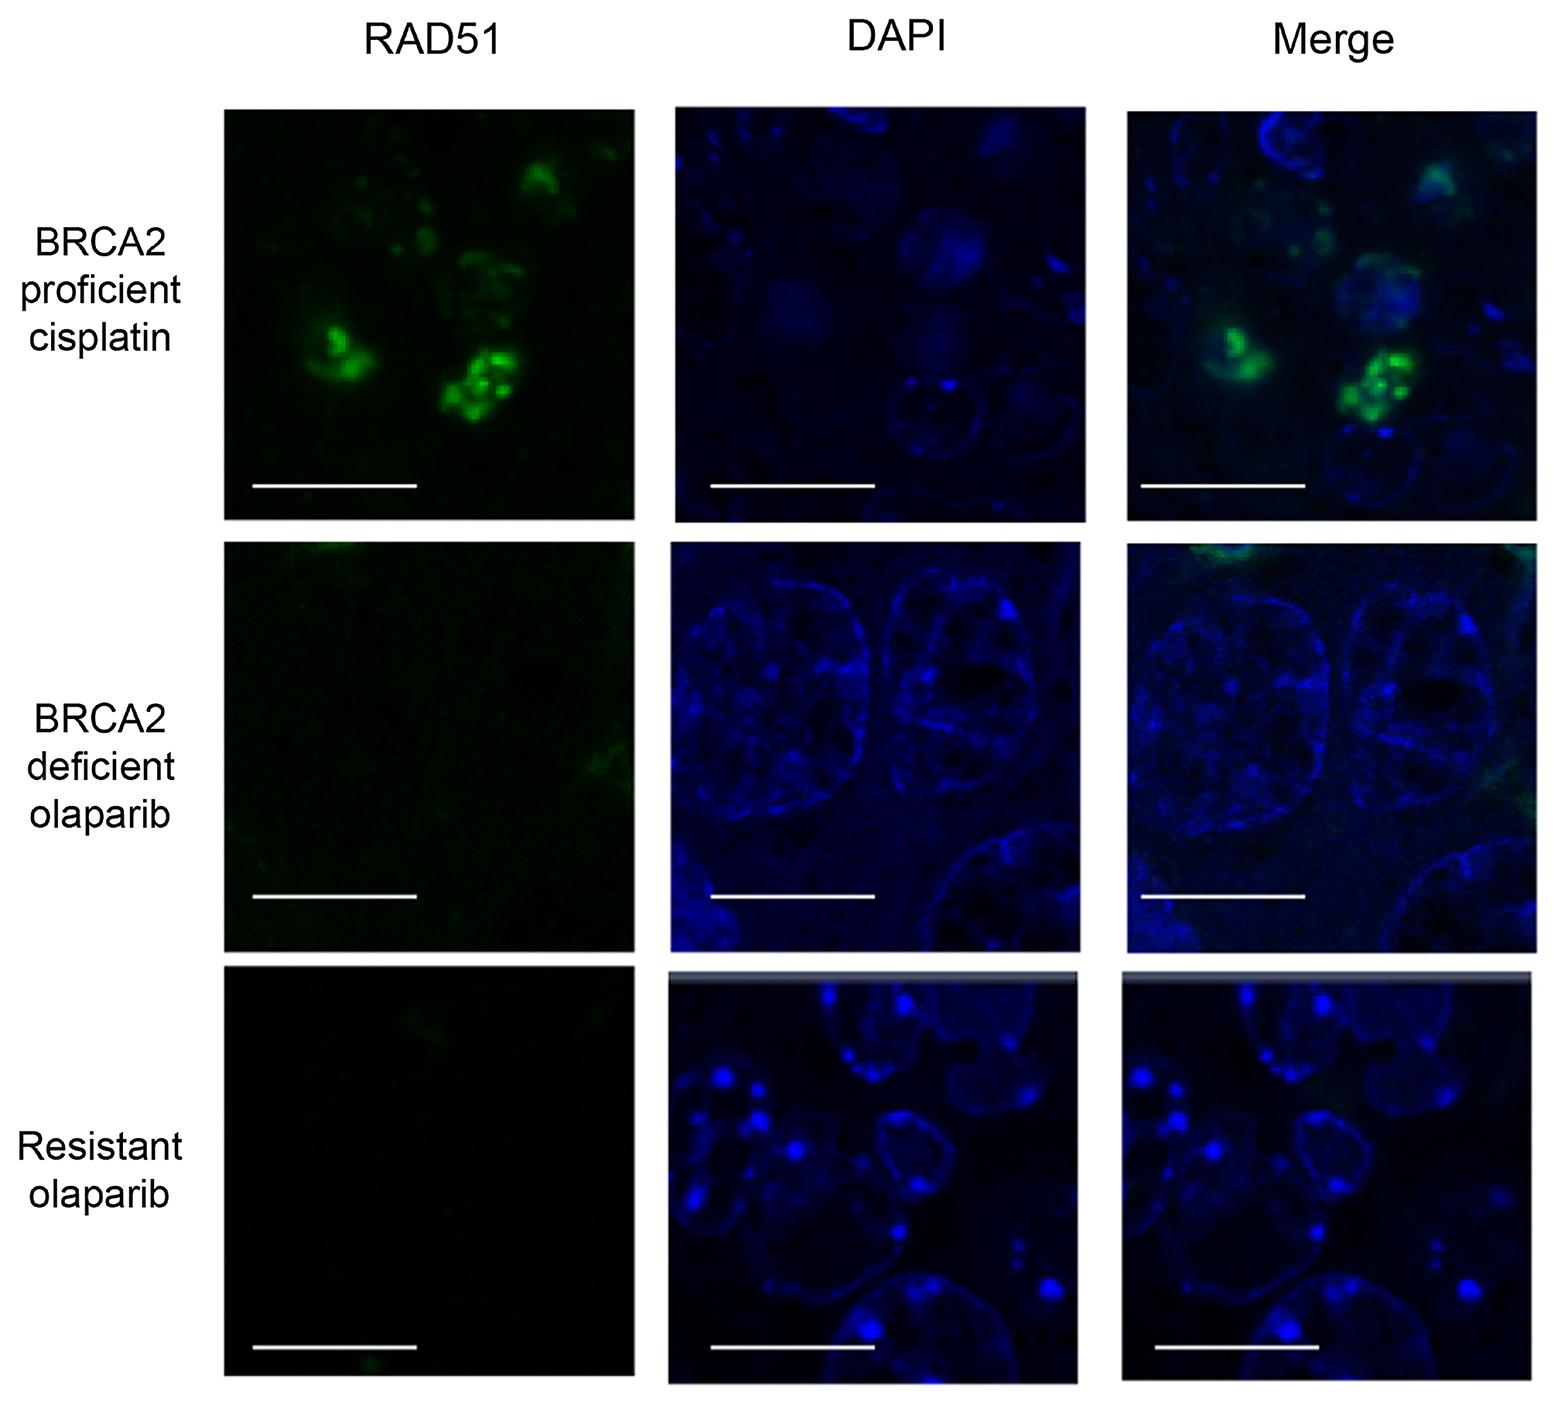 Olaparib-resistant tumours do not have Rad51 foci.